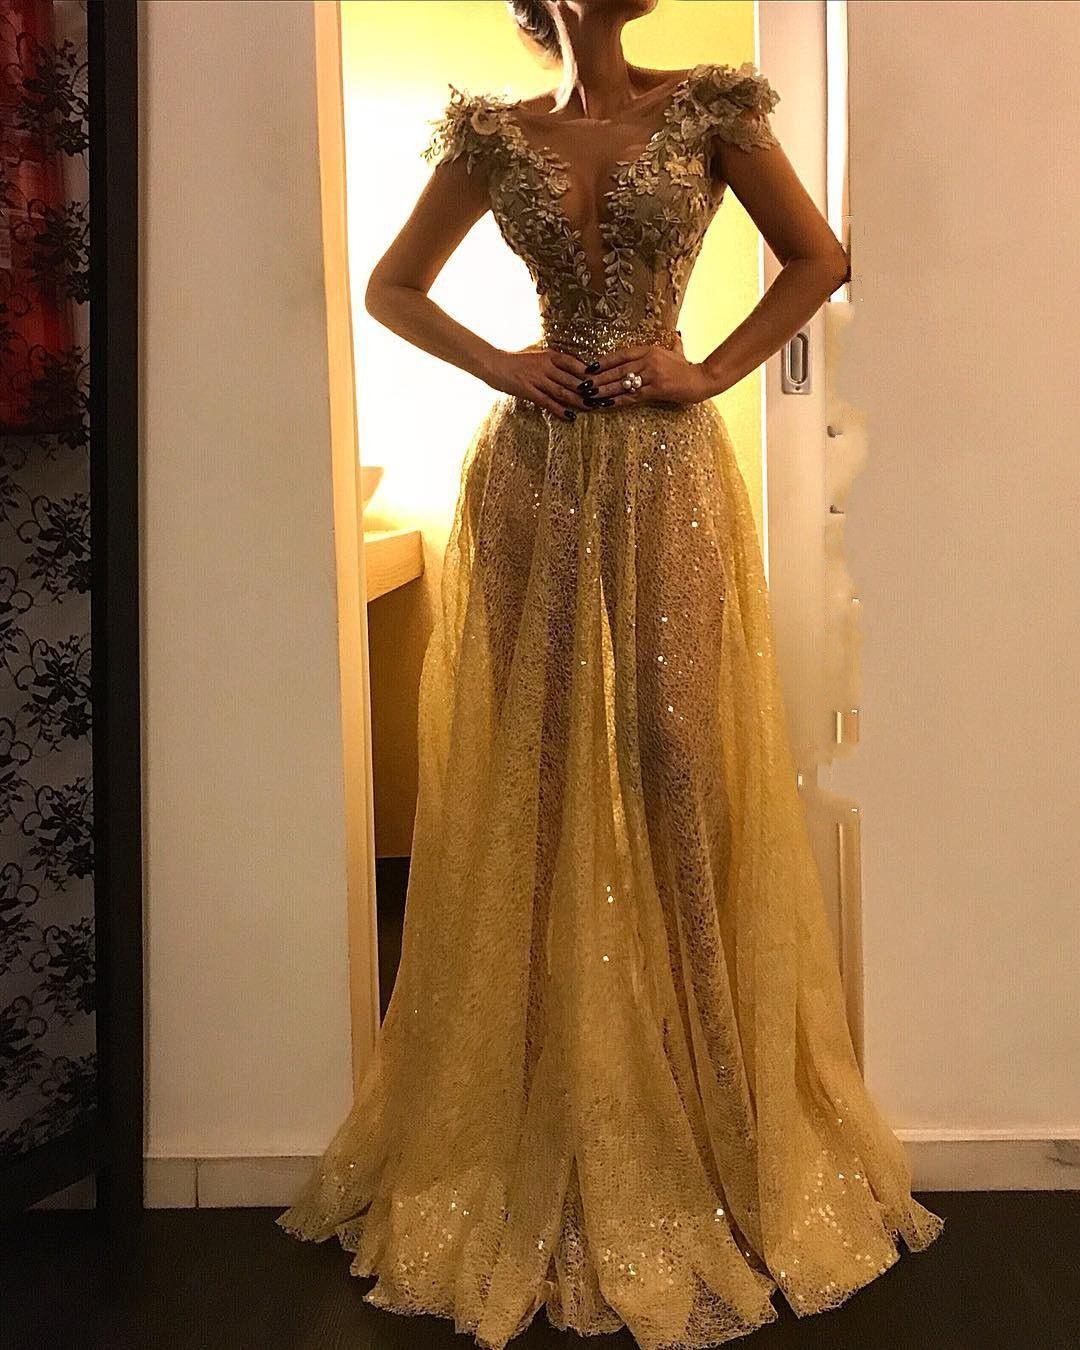 13 Leicht Goldenes Abendkleid für 201917 Ausgezeichnet Goldenes Abendkleid Galerie